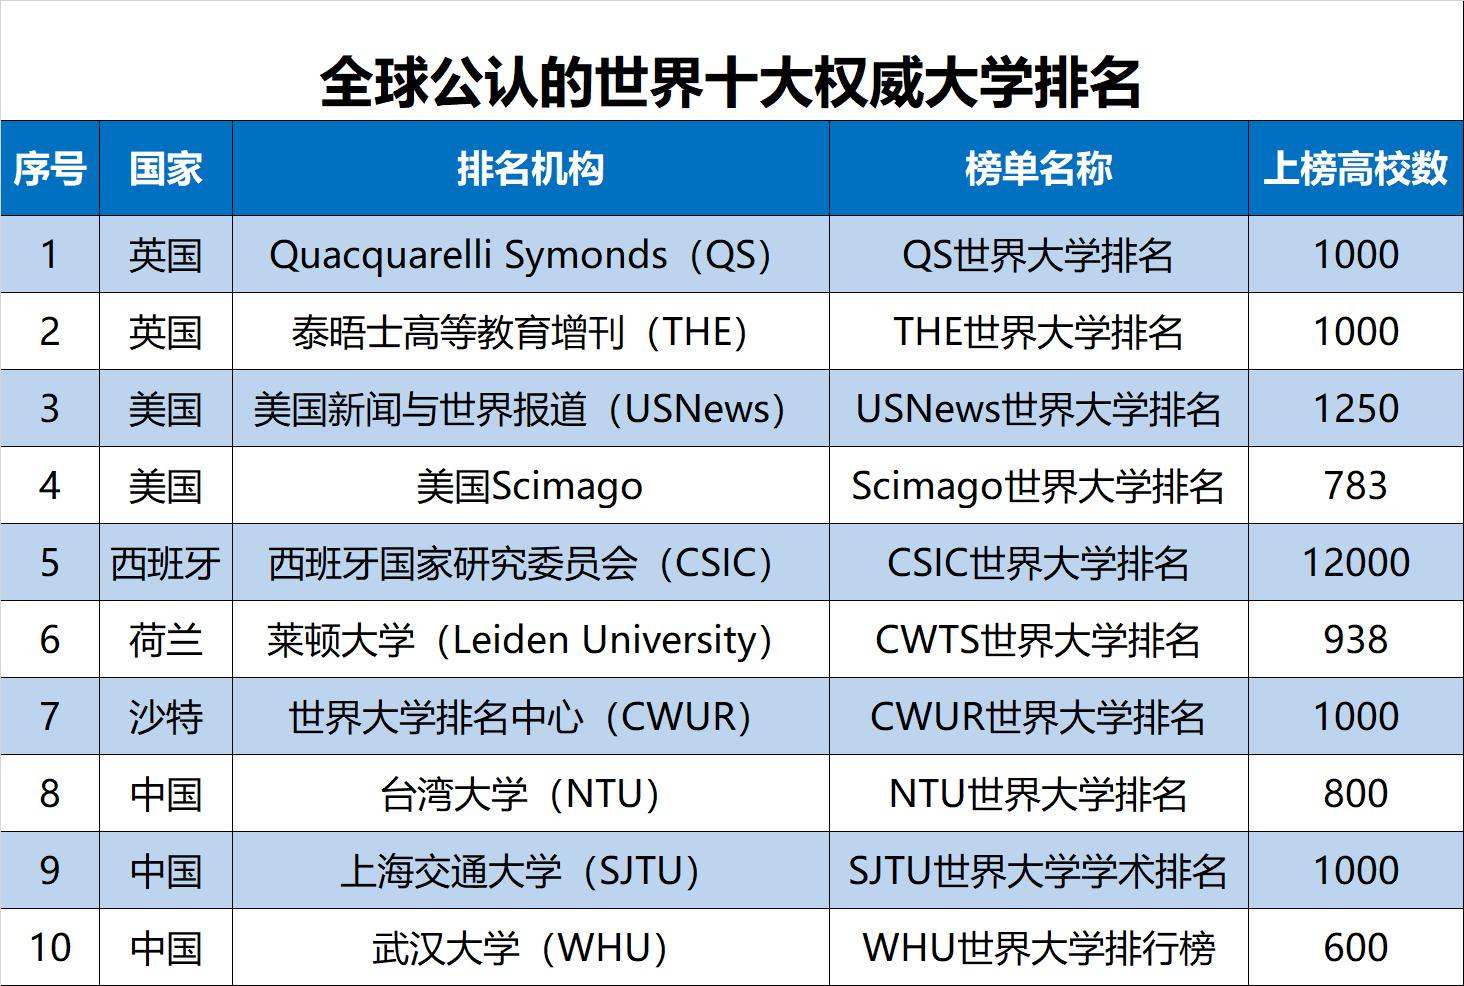 2019世界名牌大学排行_2019 QS 世界大学排名正式公布了